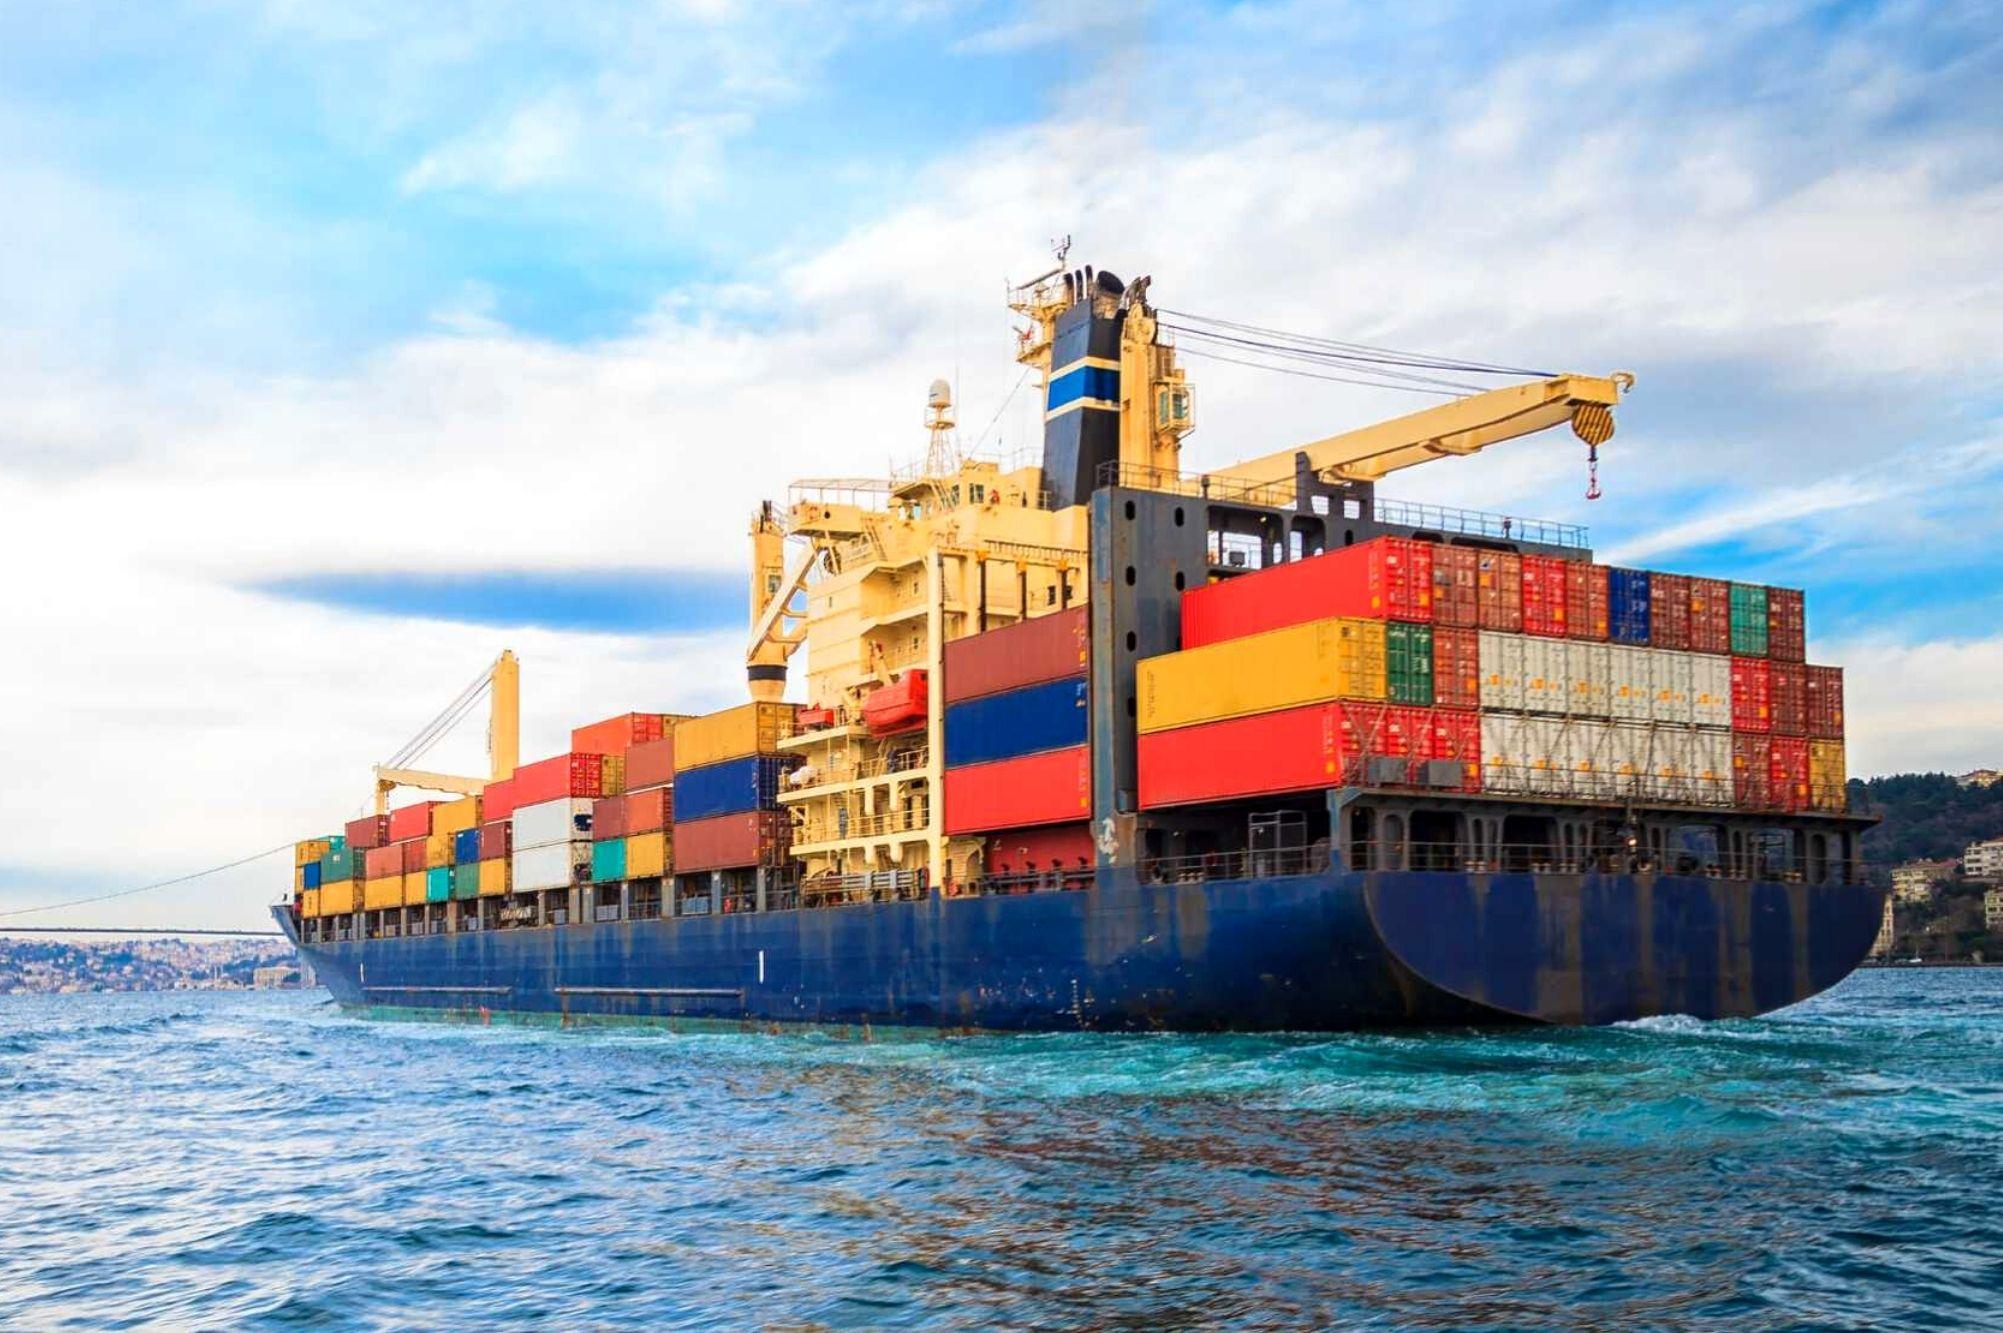 Caos no transporte marítimo atinge exportações de carnes do Mercosul